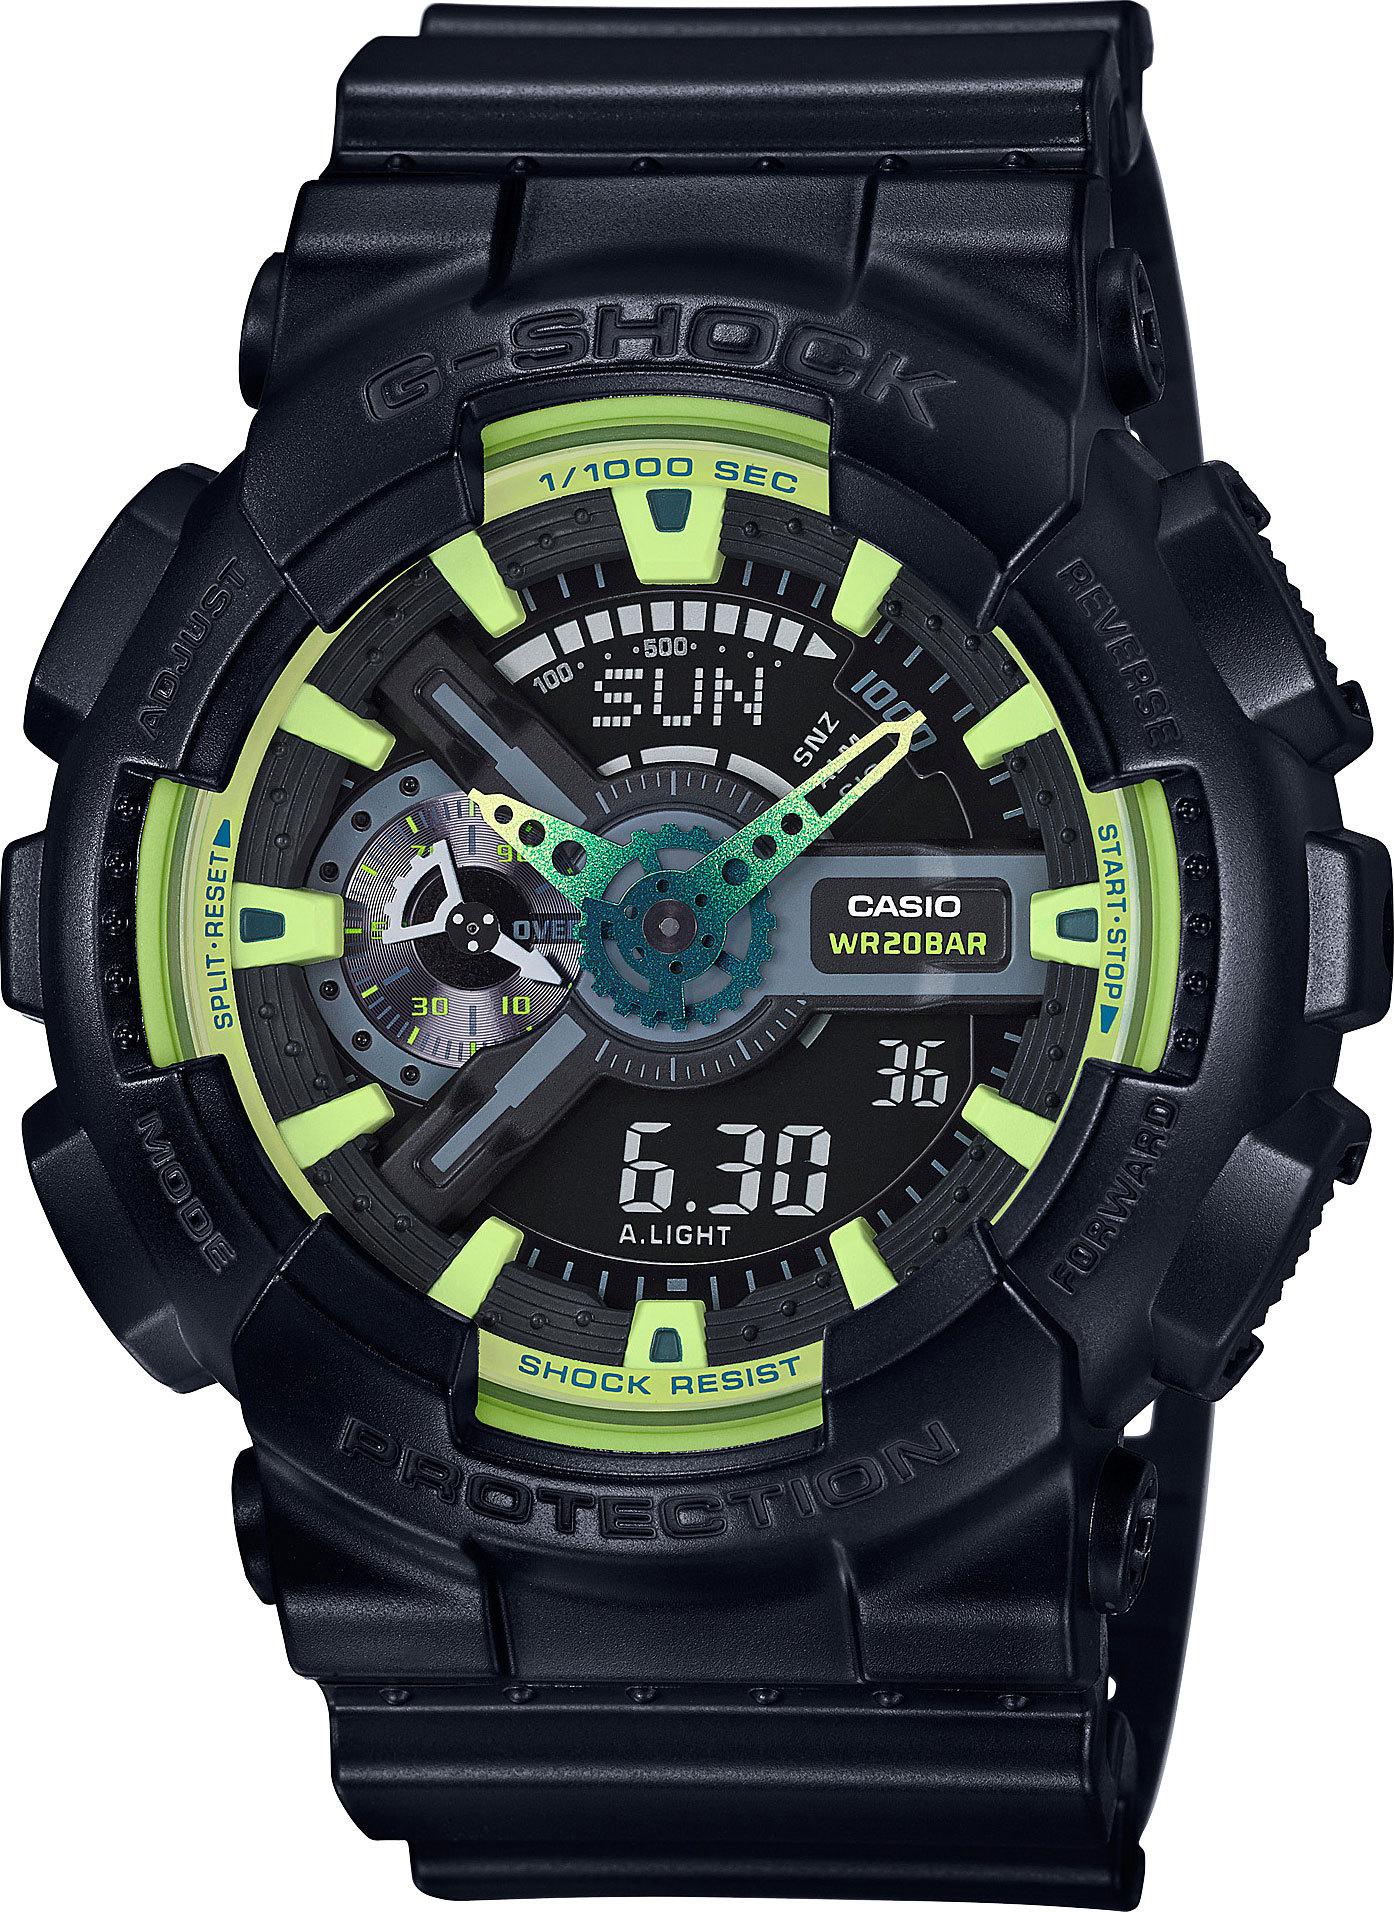 Casio G-SHOCK GA-110LY-1A / GA-110LY-1AER - мужские наручные часыCasio<br><br><br>Бренд: Casio<br>Модель: Casio GA-110LY-1A<br>Артикул: GA-110LY-1A<br>Вариант артикула: GA-110LY-1AER<br>Коллекция: G-SHOCK<br>Подколлекция: None<br>Страна: Япония<br>Пол: мужские<br>Тип механизма: кварцевые<br>Механизм: None<br>Количество камней: None<br>Автоподзавод: None<br>Источник энергии: от батарейки<br>Срок службы элемента питания: None<br>Дисплей: стрелки + цифры<br>Цифры: отсутствуют<br>Водозащита: WR 200<br>Противоударные: None<br>Материал корпуса: пластик<br>Материал браслета: пластик<br>Материал безеля: None<br>Стекло: минеральное<br>Антибликовое покрытие: None<br>Цвет корпуса: None<br>Цвет браслета: None<br>Цвет циферблата: None<br>Цвет безеля: None<br>Размеры: 51.2x55x16.9 мм<br>Диаметр: None<br>Диаметр корпуса: None<br>Толщина: None<br>Ширина ремешка: None<br>Вес: 72 г<br>Спорт-функции: секундомер, таймер обратного отсчета<br>Подсветка: дисплея, стрелок<br>Вставка: None<br>Отображение даты: вечный календарь, число, месяц, день недели<br>Хронограф: None<br>Таймер: None<br>Термометр: None<br>Хронометр: None<br>GPS: None<br>Радиосинхронизация: None<br>Барометр: None<br>Скелетон: None<br>Дополнительная информация: ежечасный сигнал, повтор сигнала будильника, защита от магнитных полей; элемент питания CR1220<br>Дополнительные функции: второй часовой пояс, будильник (количество установок: 5)